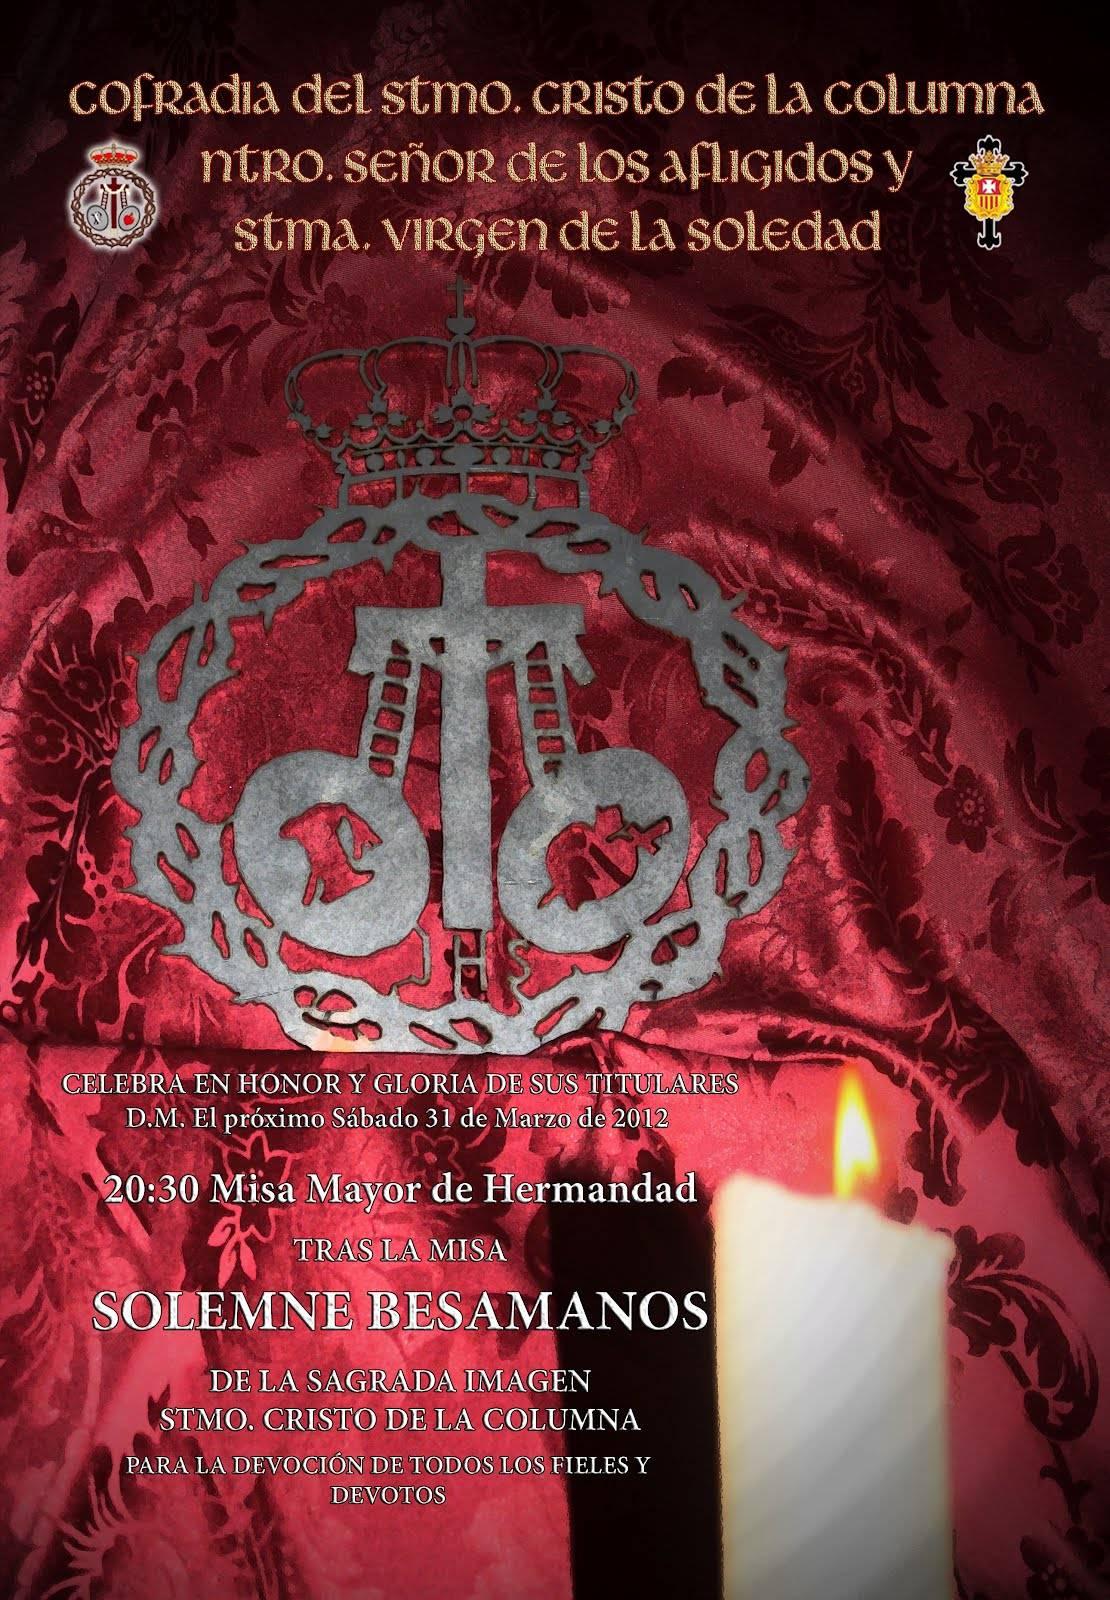 cartel besamanos cristo de la columna 2012